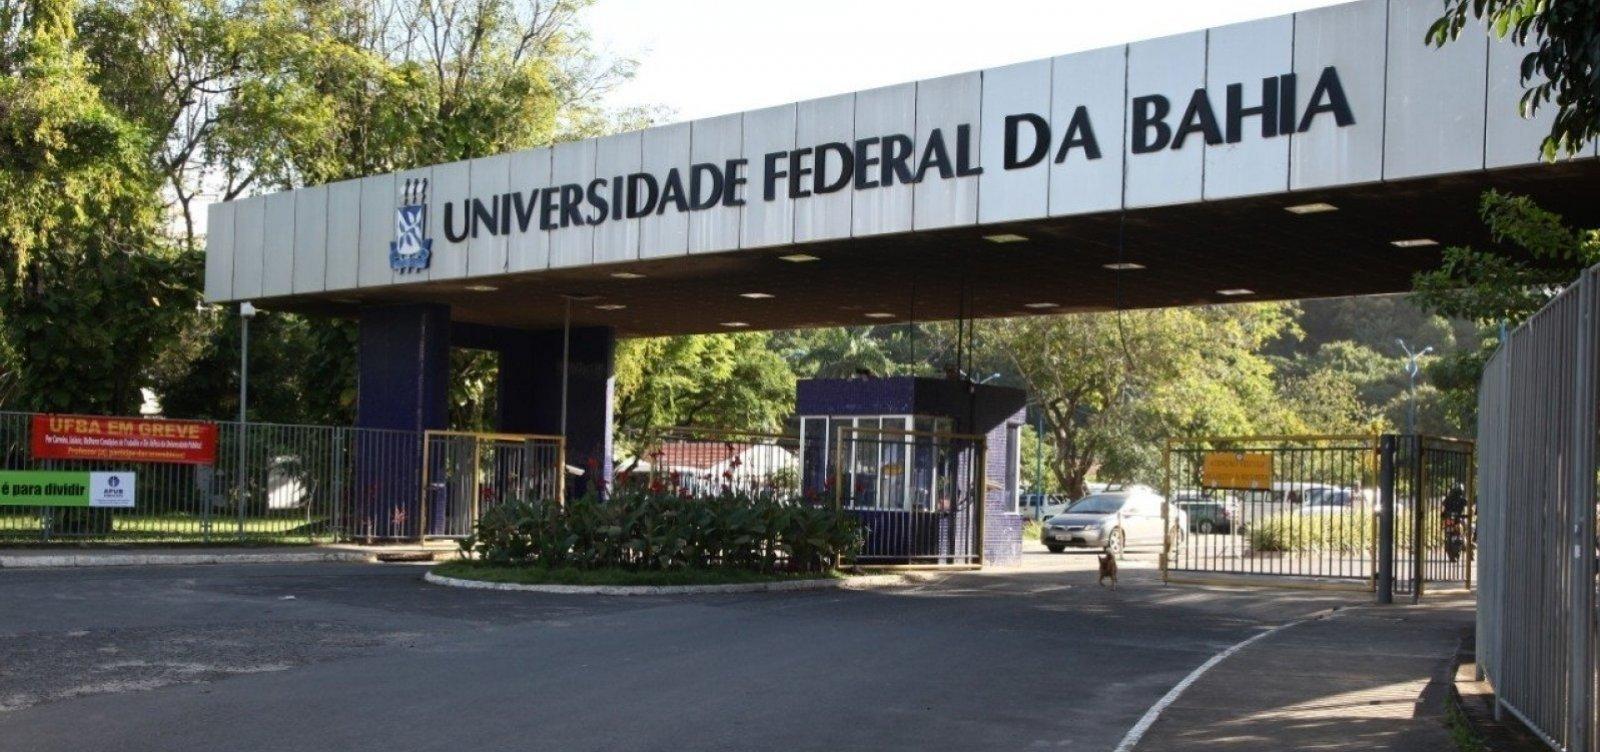 Mais de 80 bolsas em universidades federais na Bahia foram bloqueadas